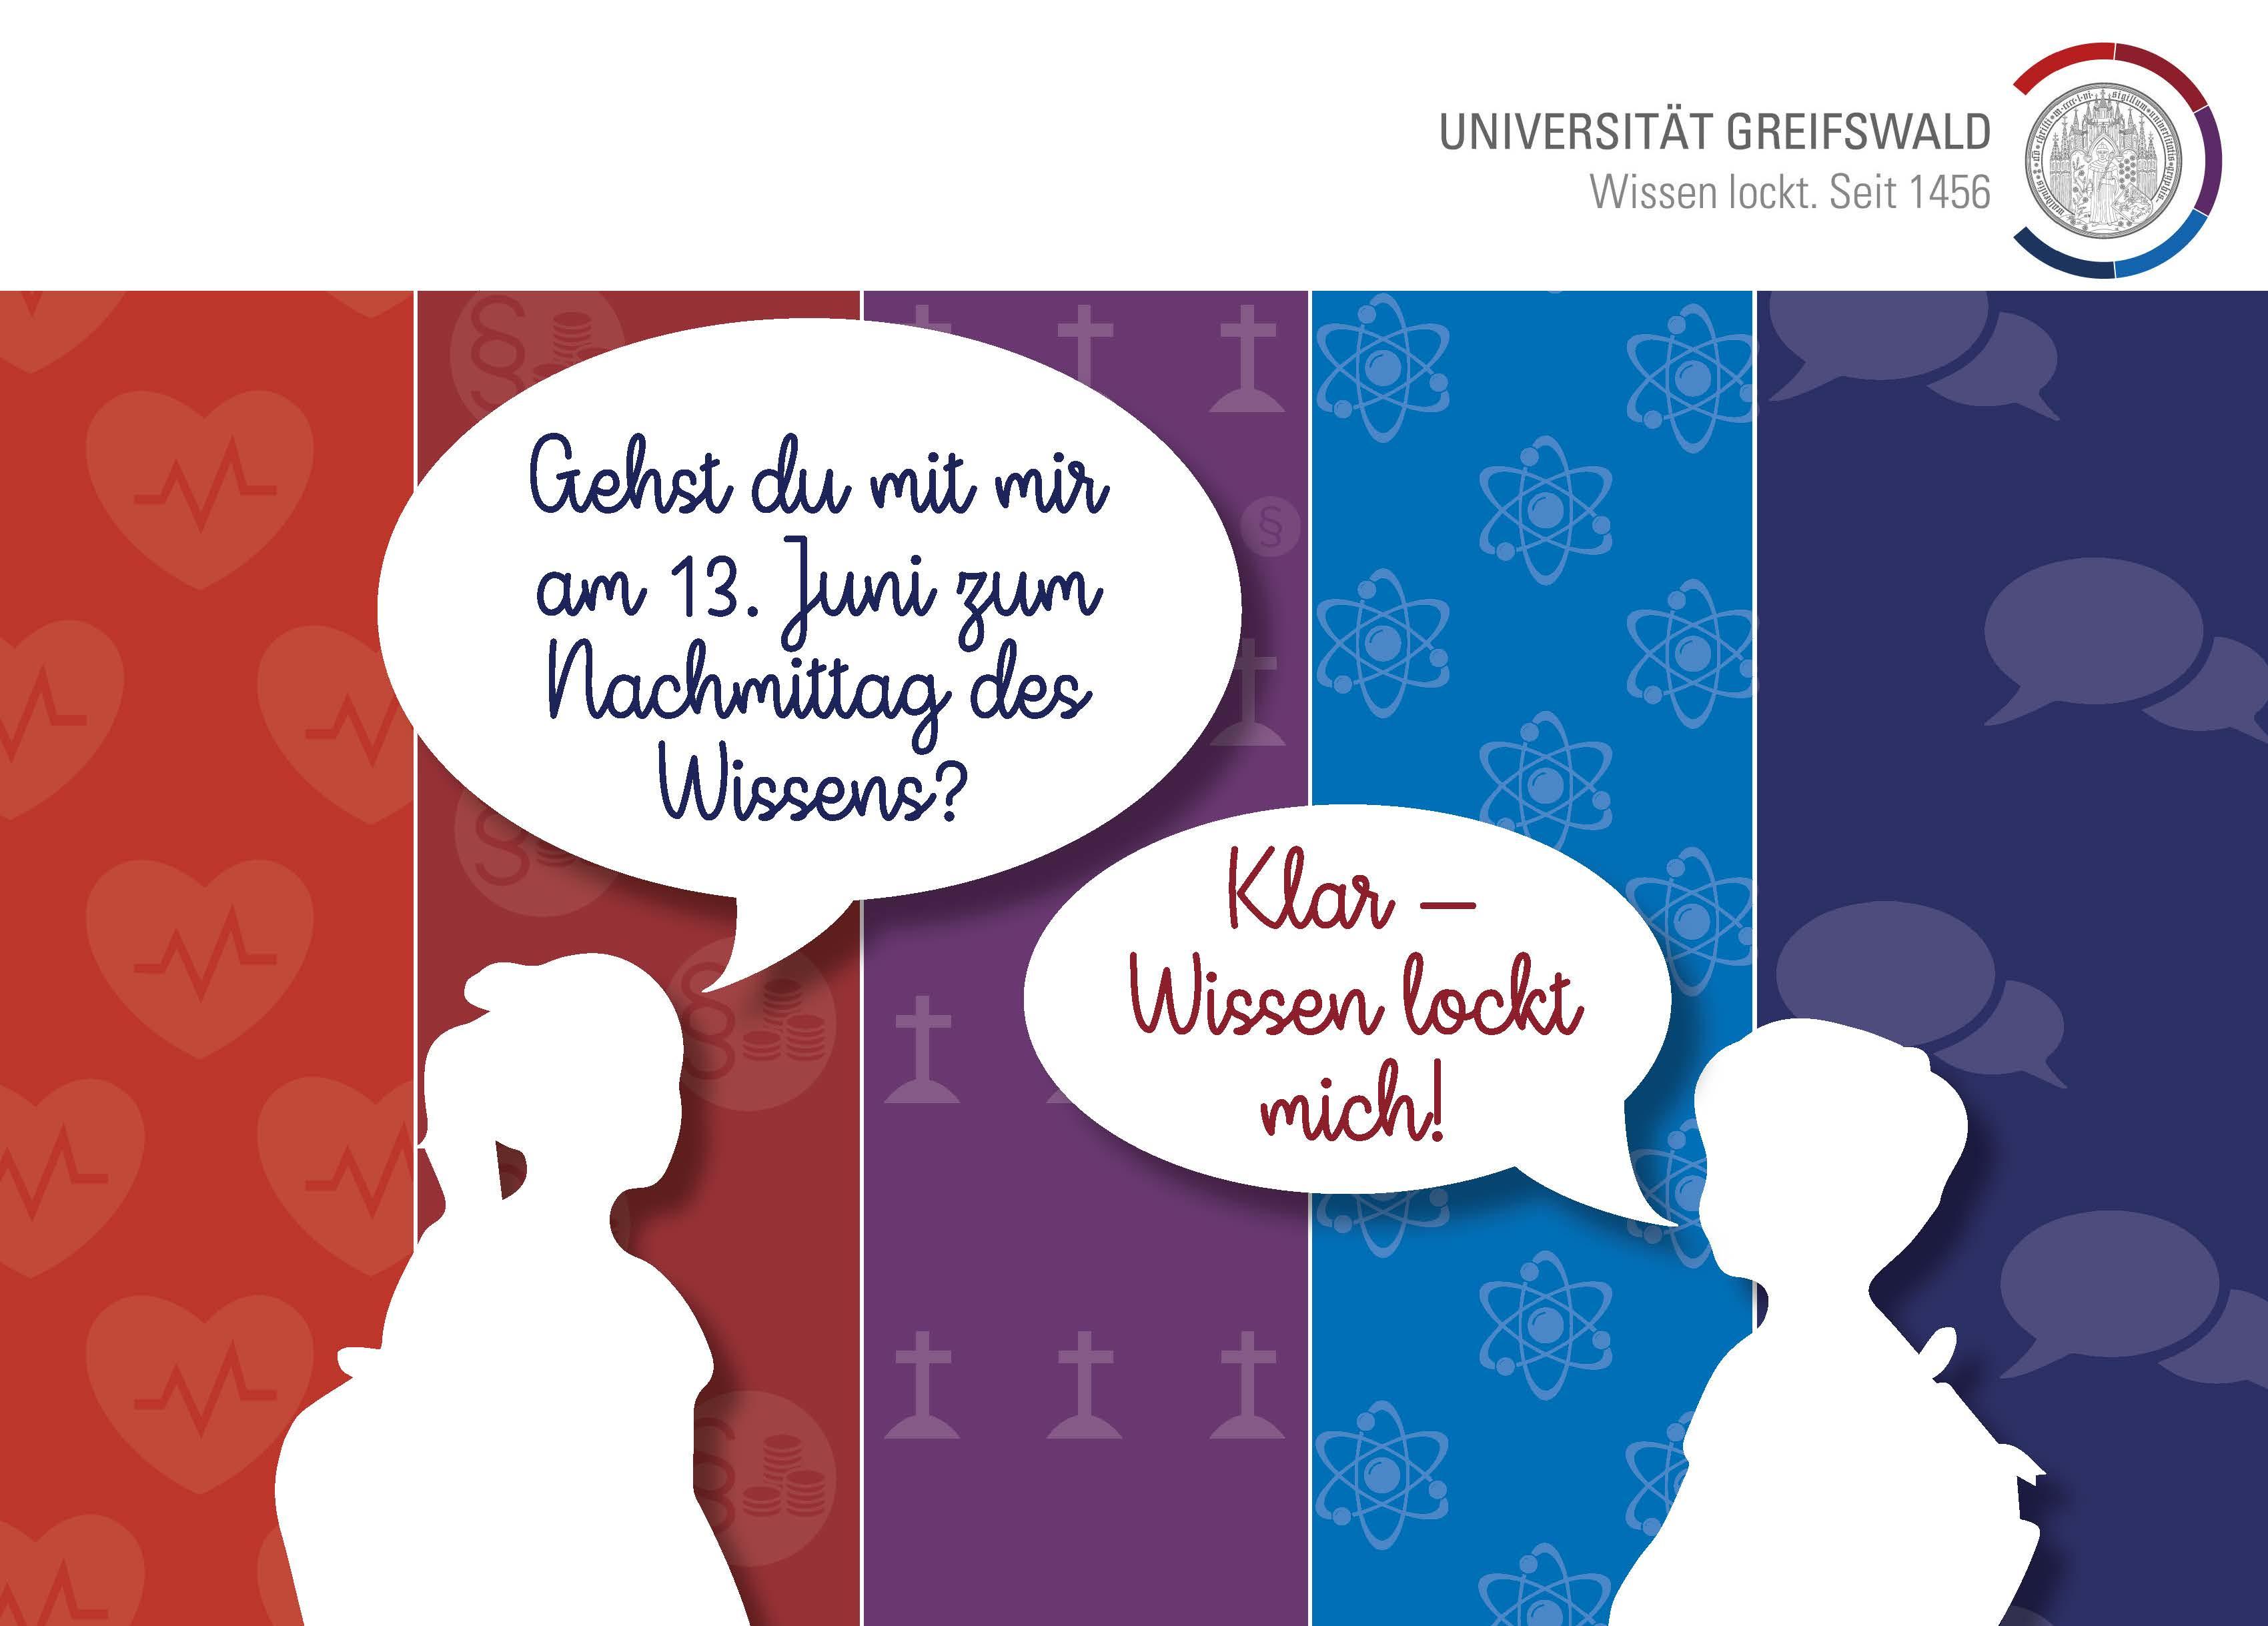 Uni Greifswald lockt zum Nachmittag des Wissens - Universität Greifswald